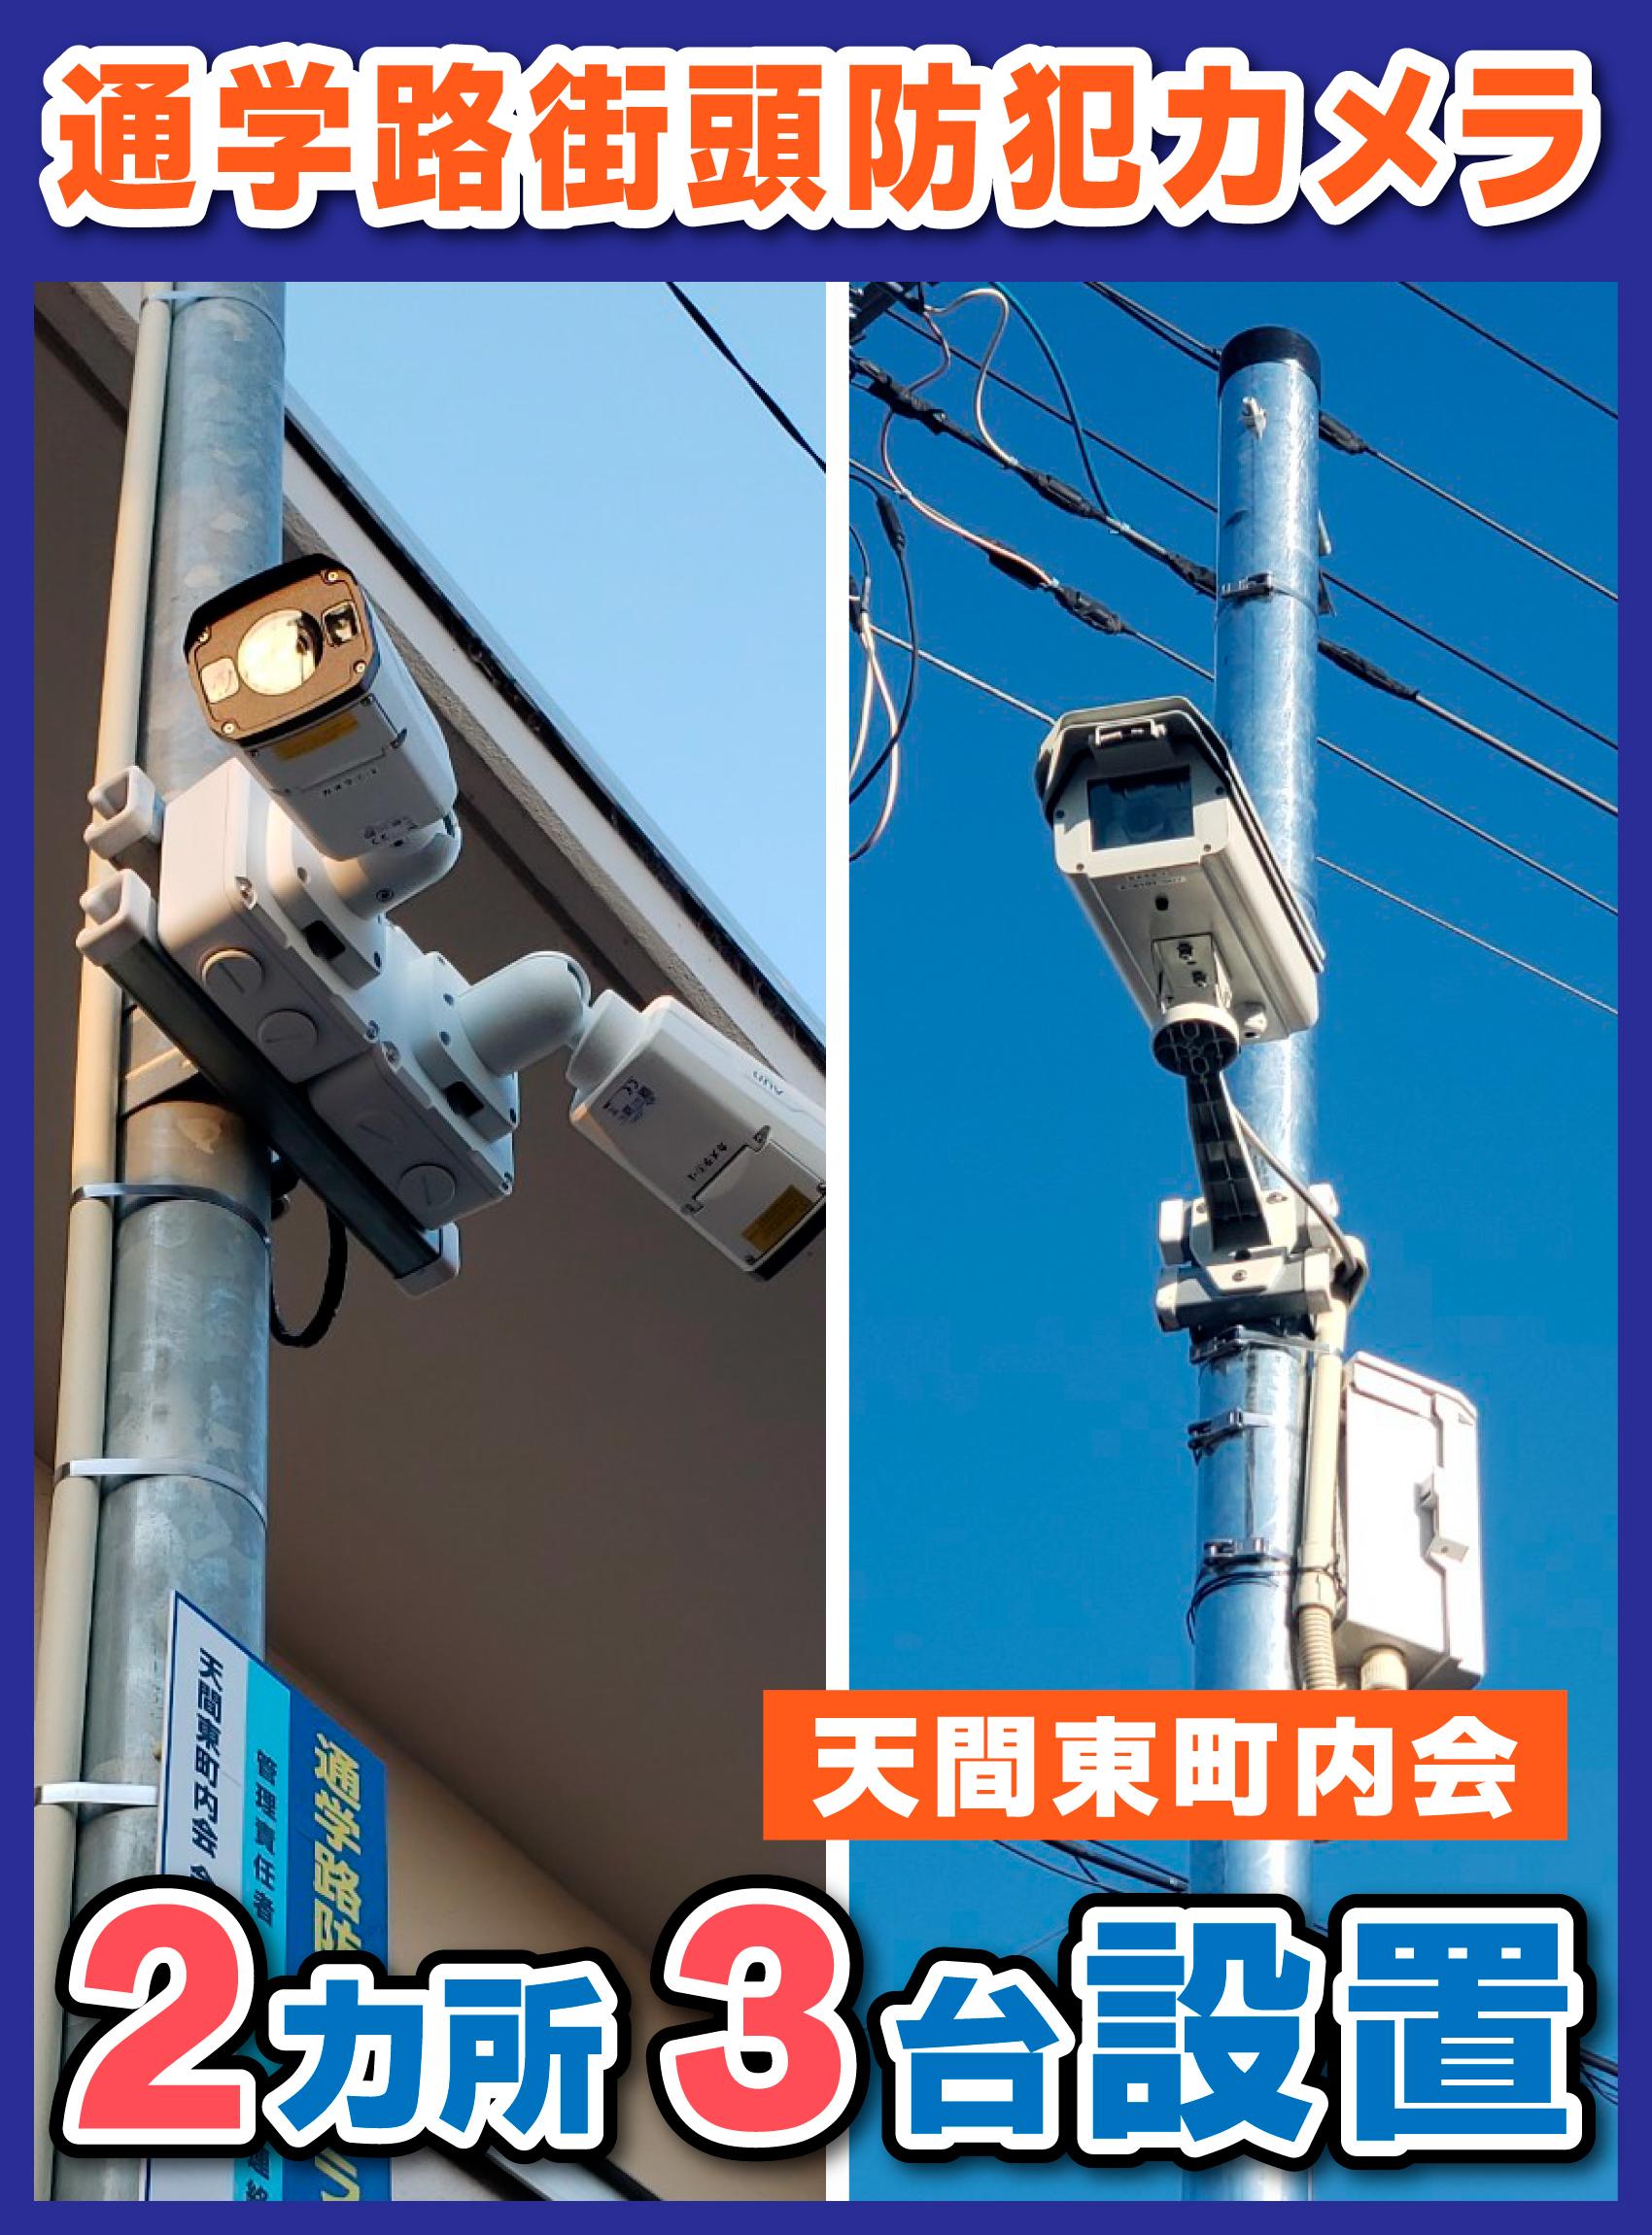 【街頭防犯カメラシリーズ】天間東町内会様